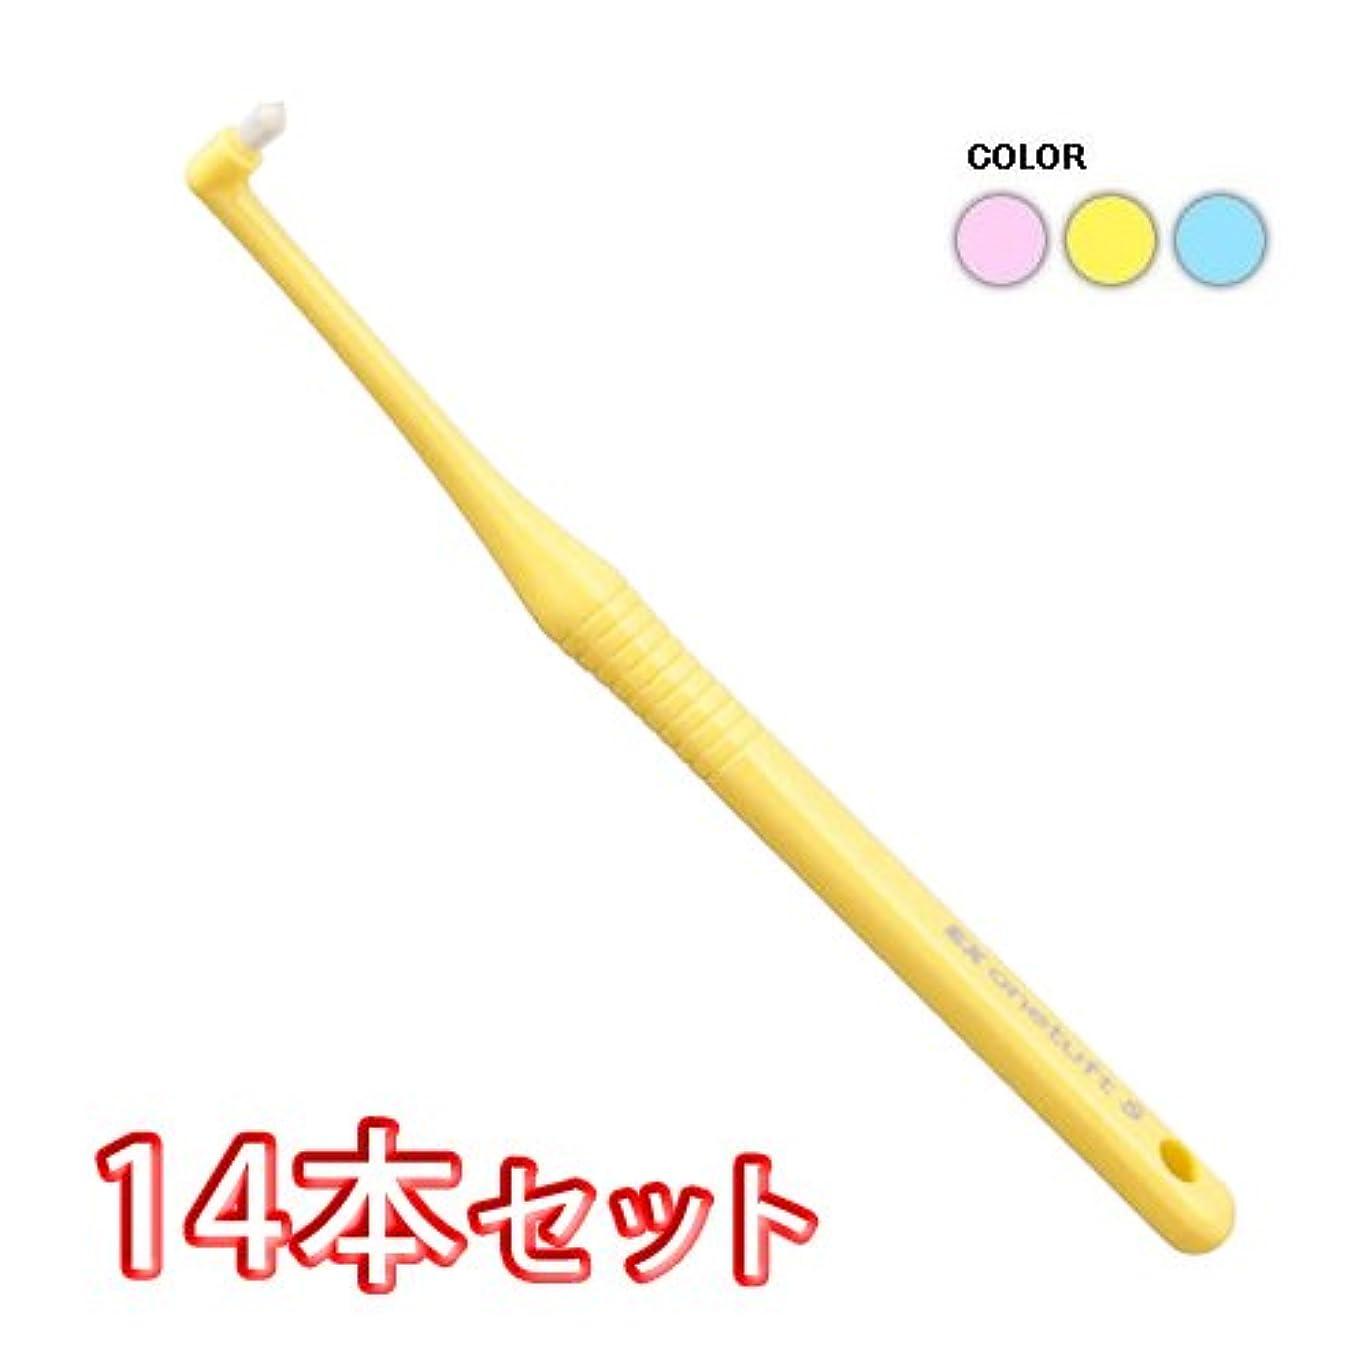 拮抗積極的に低下ライオン デント EX ワンタフト 歯ブラシ onetuft (S) (14本入)